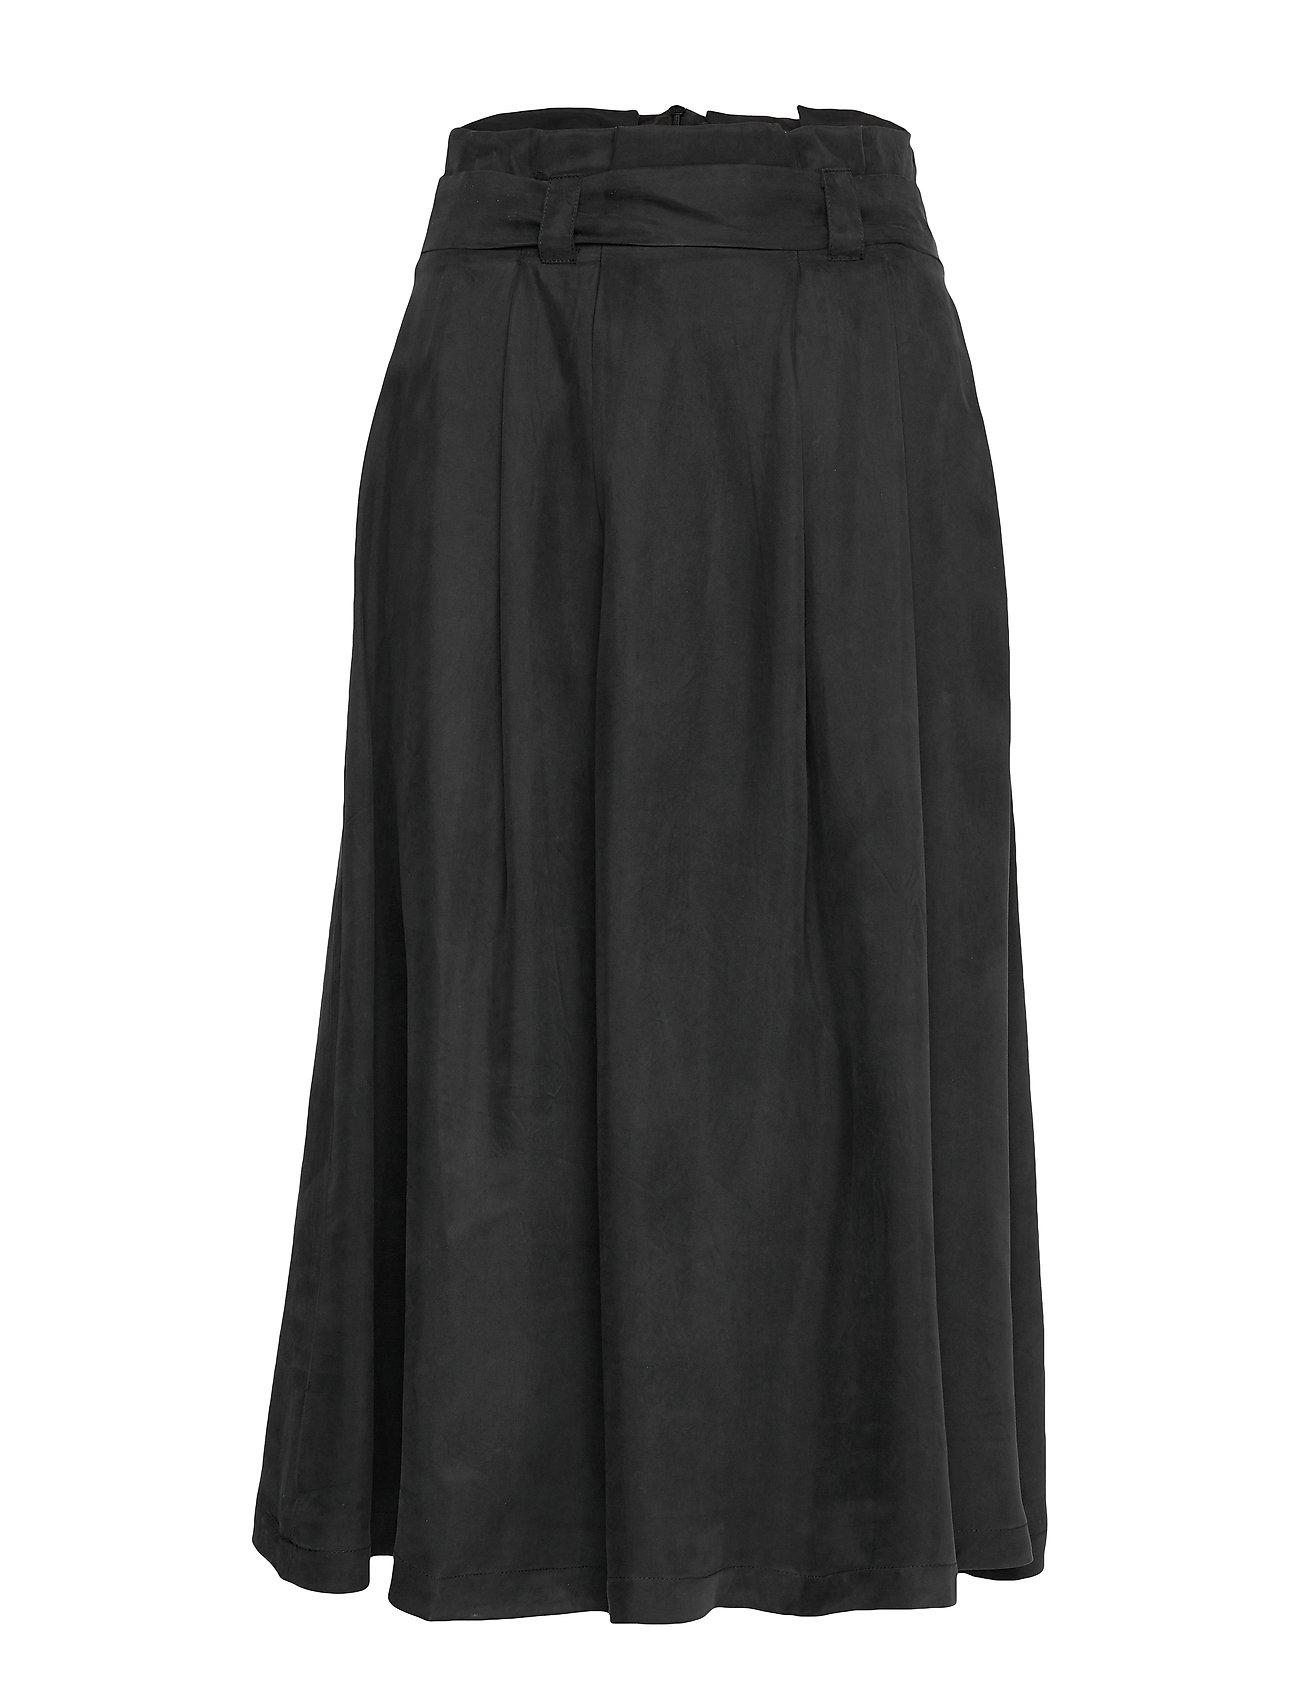 Selected Femme SLFRUTH HW SKIRT B - BLACK